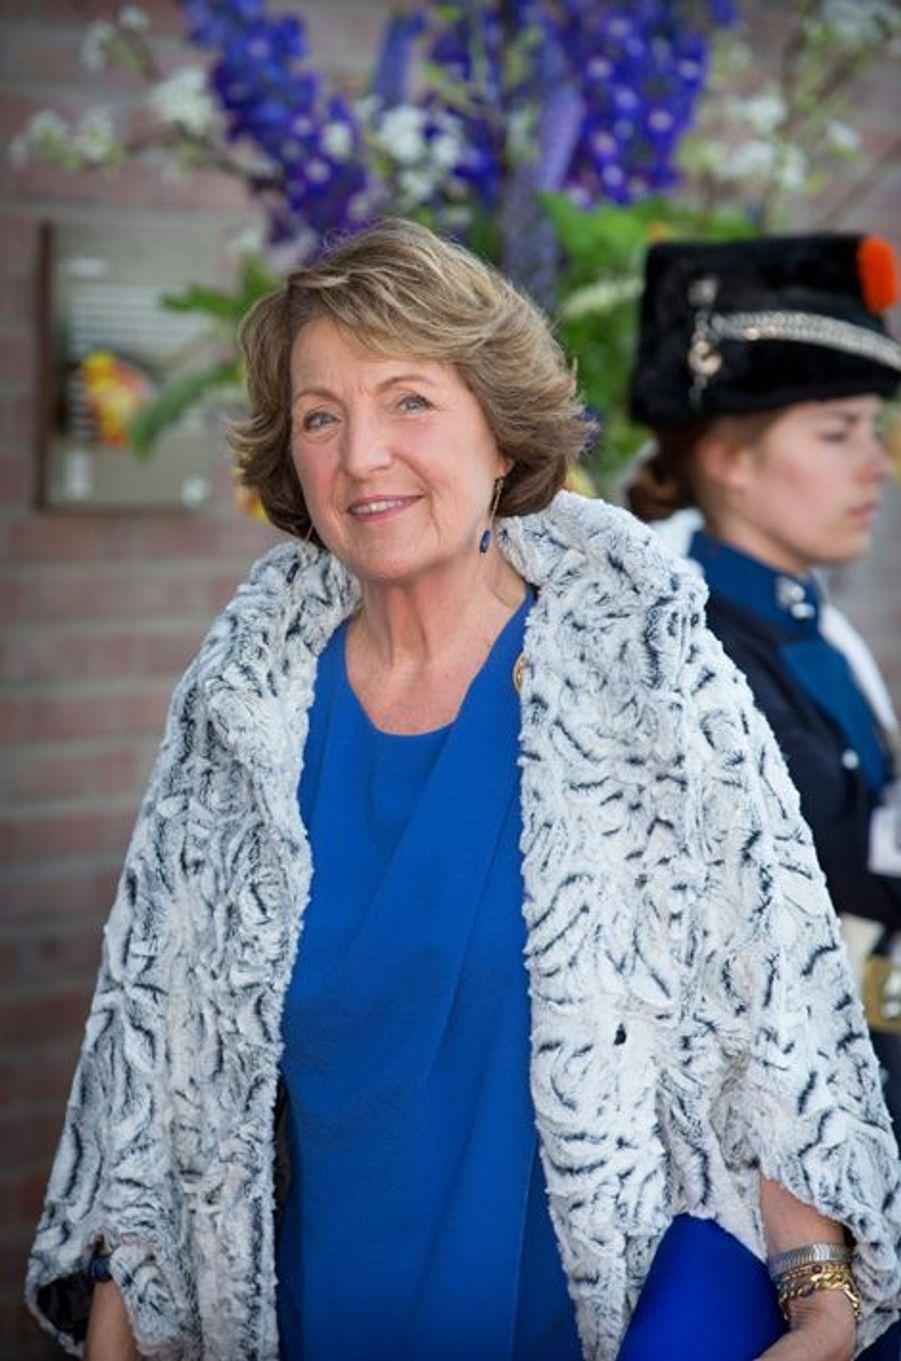 La princesse Margriet des Pays-Bas à Dordrecht, le 14 avril 2015